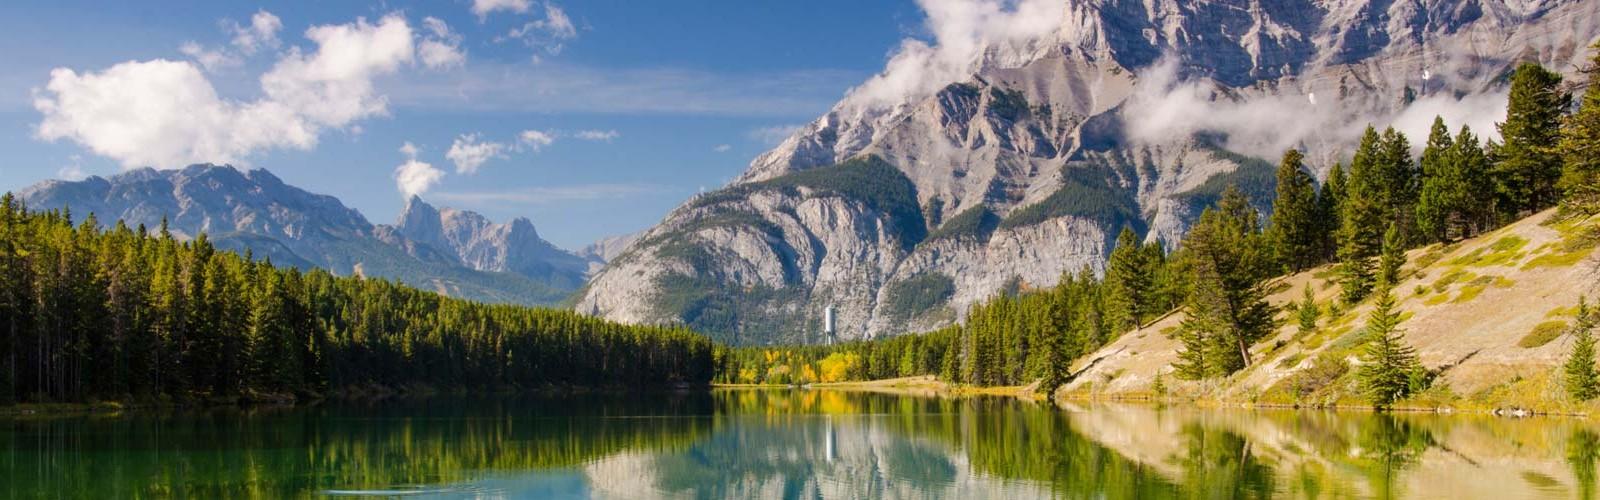 viaje de incentivo a Canadà